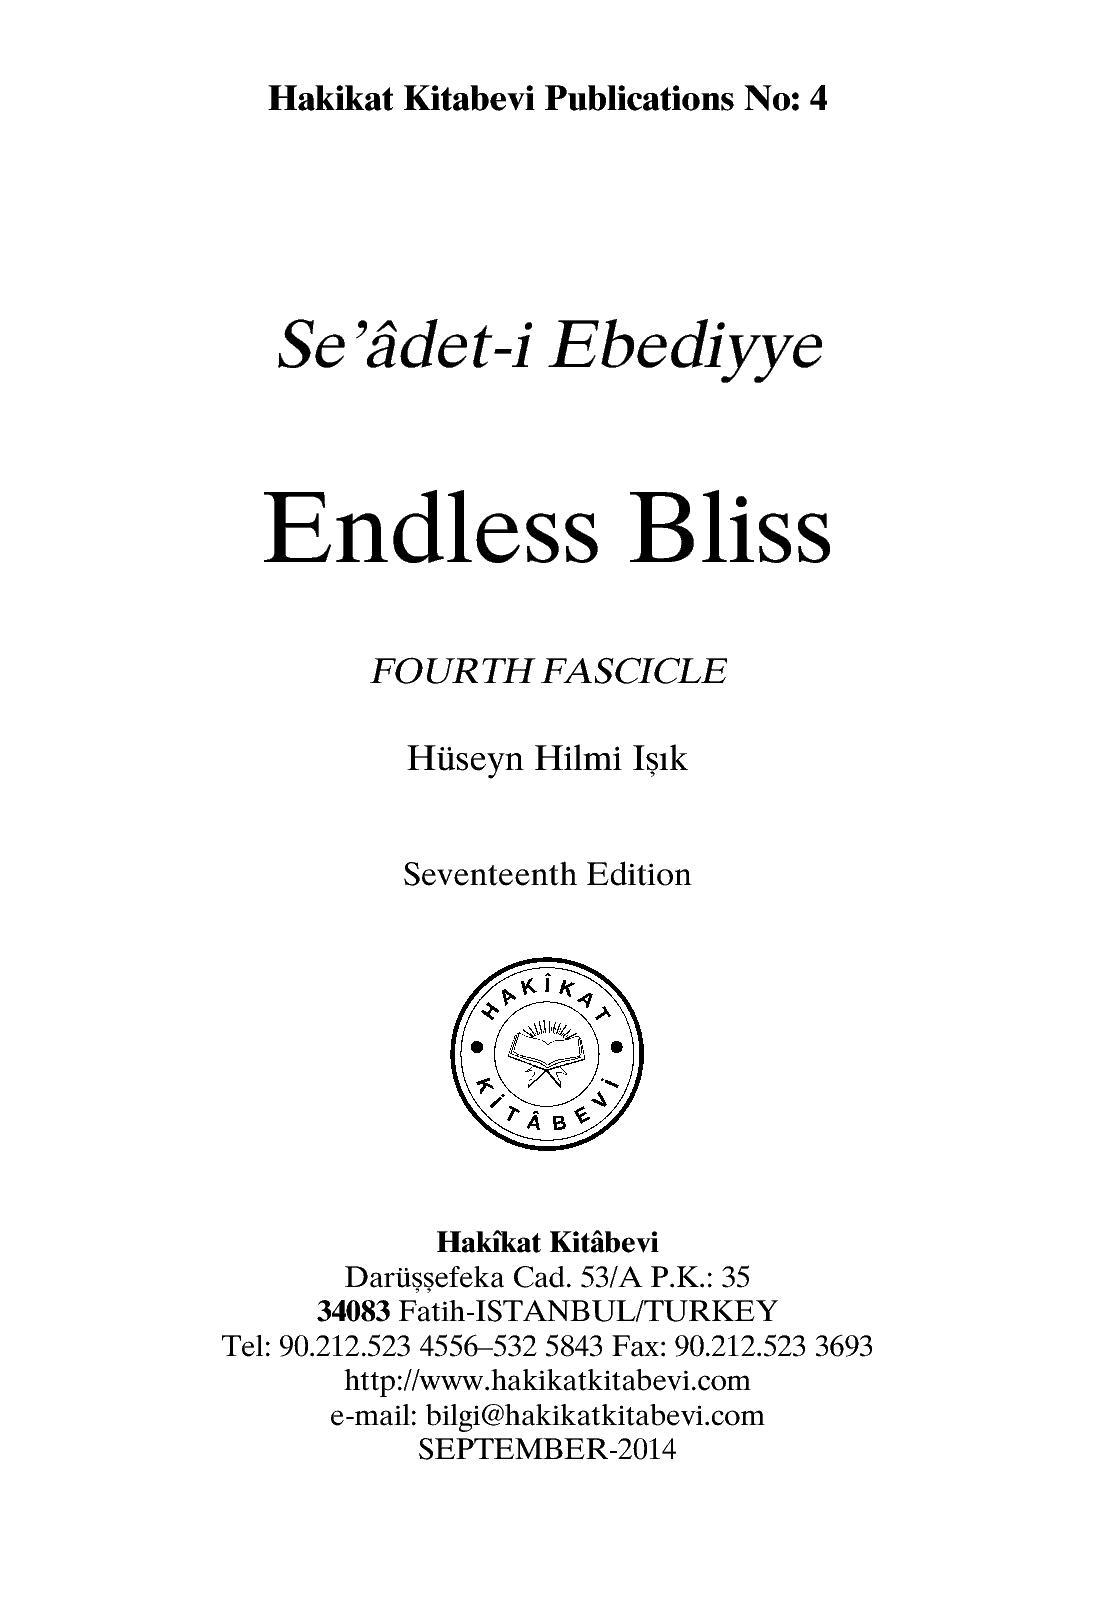 Calaméo - Seadet I Ebediyye - Endless Bliss Fourth Fascicle